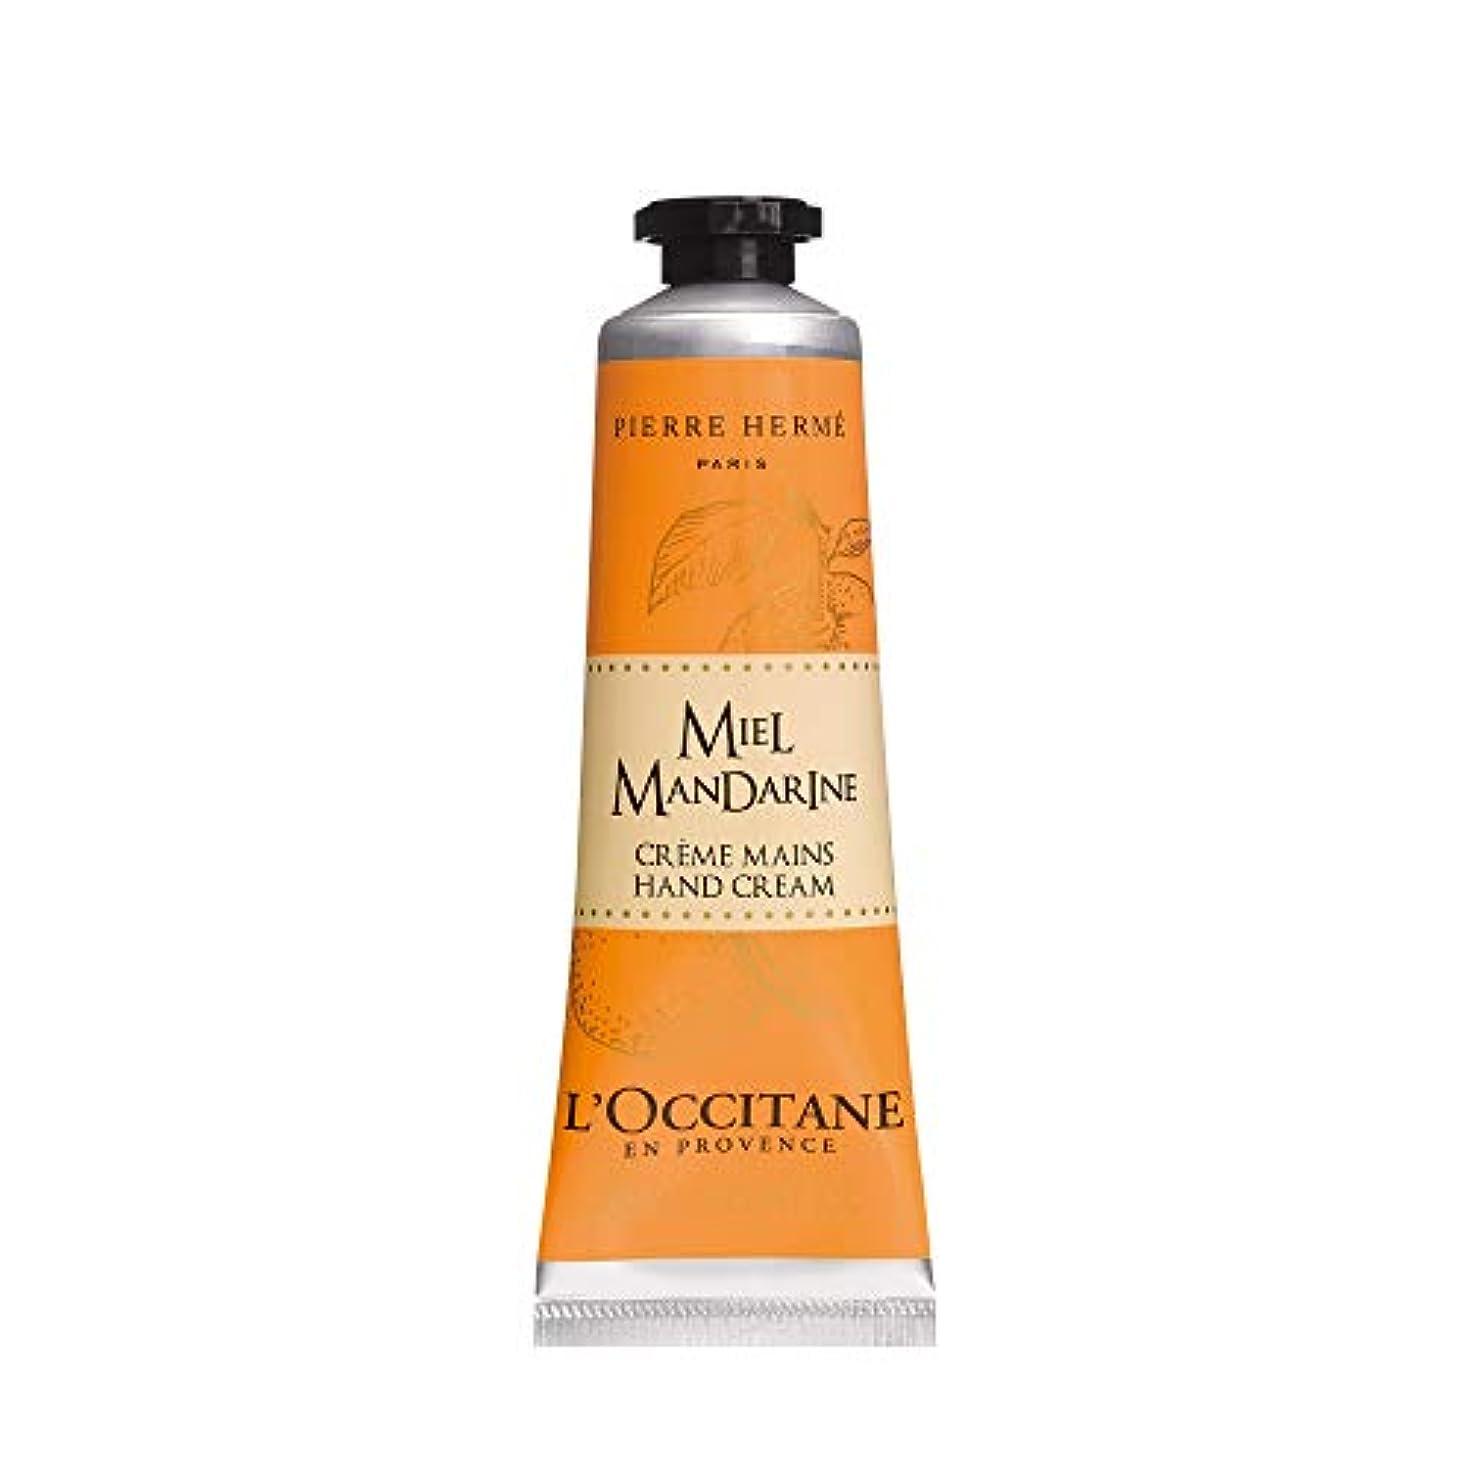 代わりにを立てるエイズ合唱団ロクシタン(L'OCCITANE) ミエルマンダリン ハンドクリーム 30ml ハートウオーミングオレンジハニー